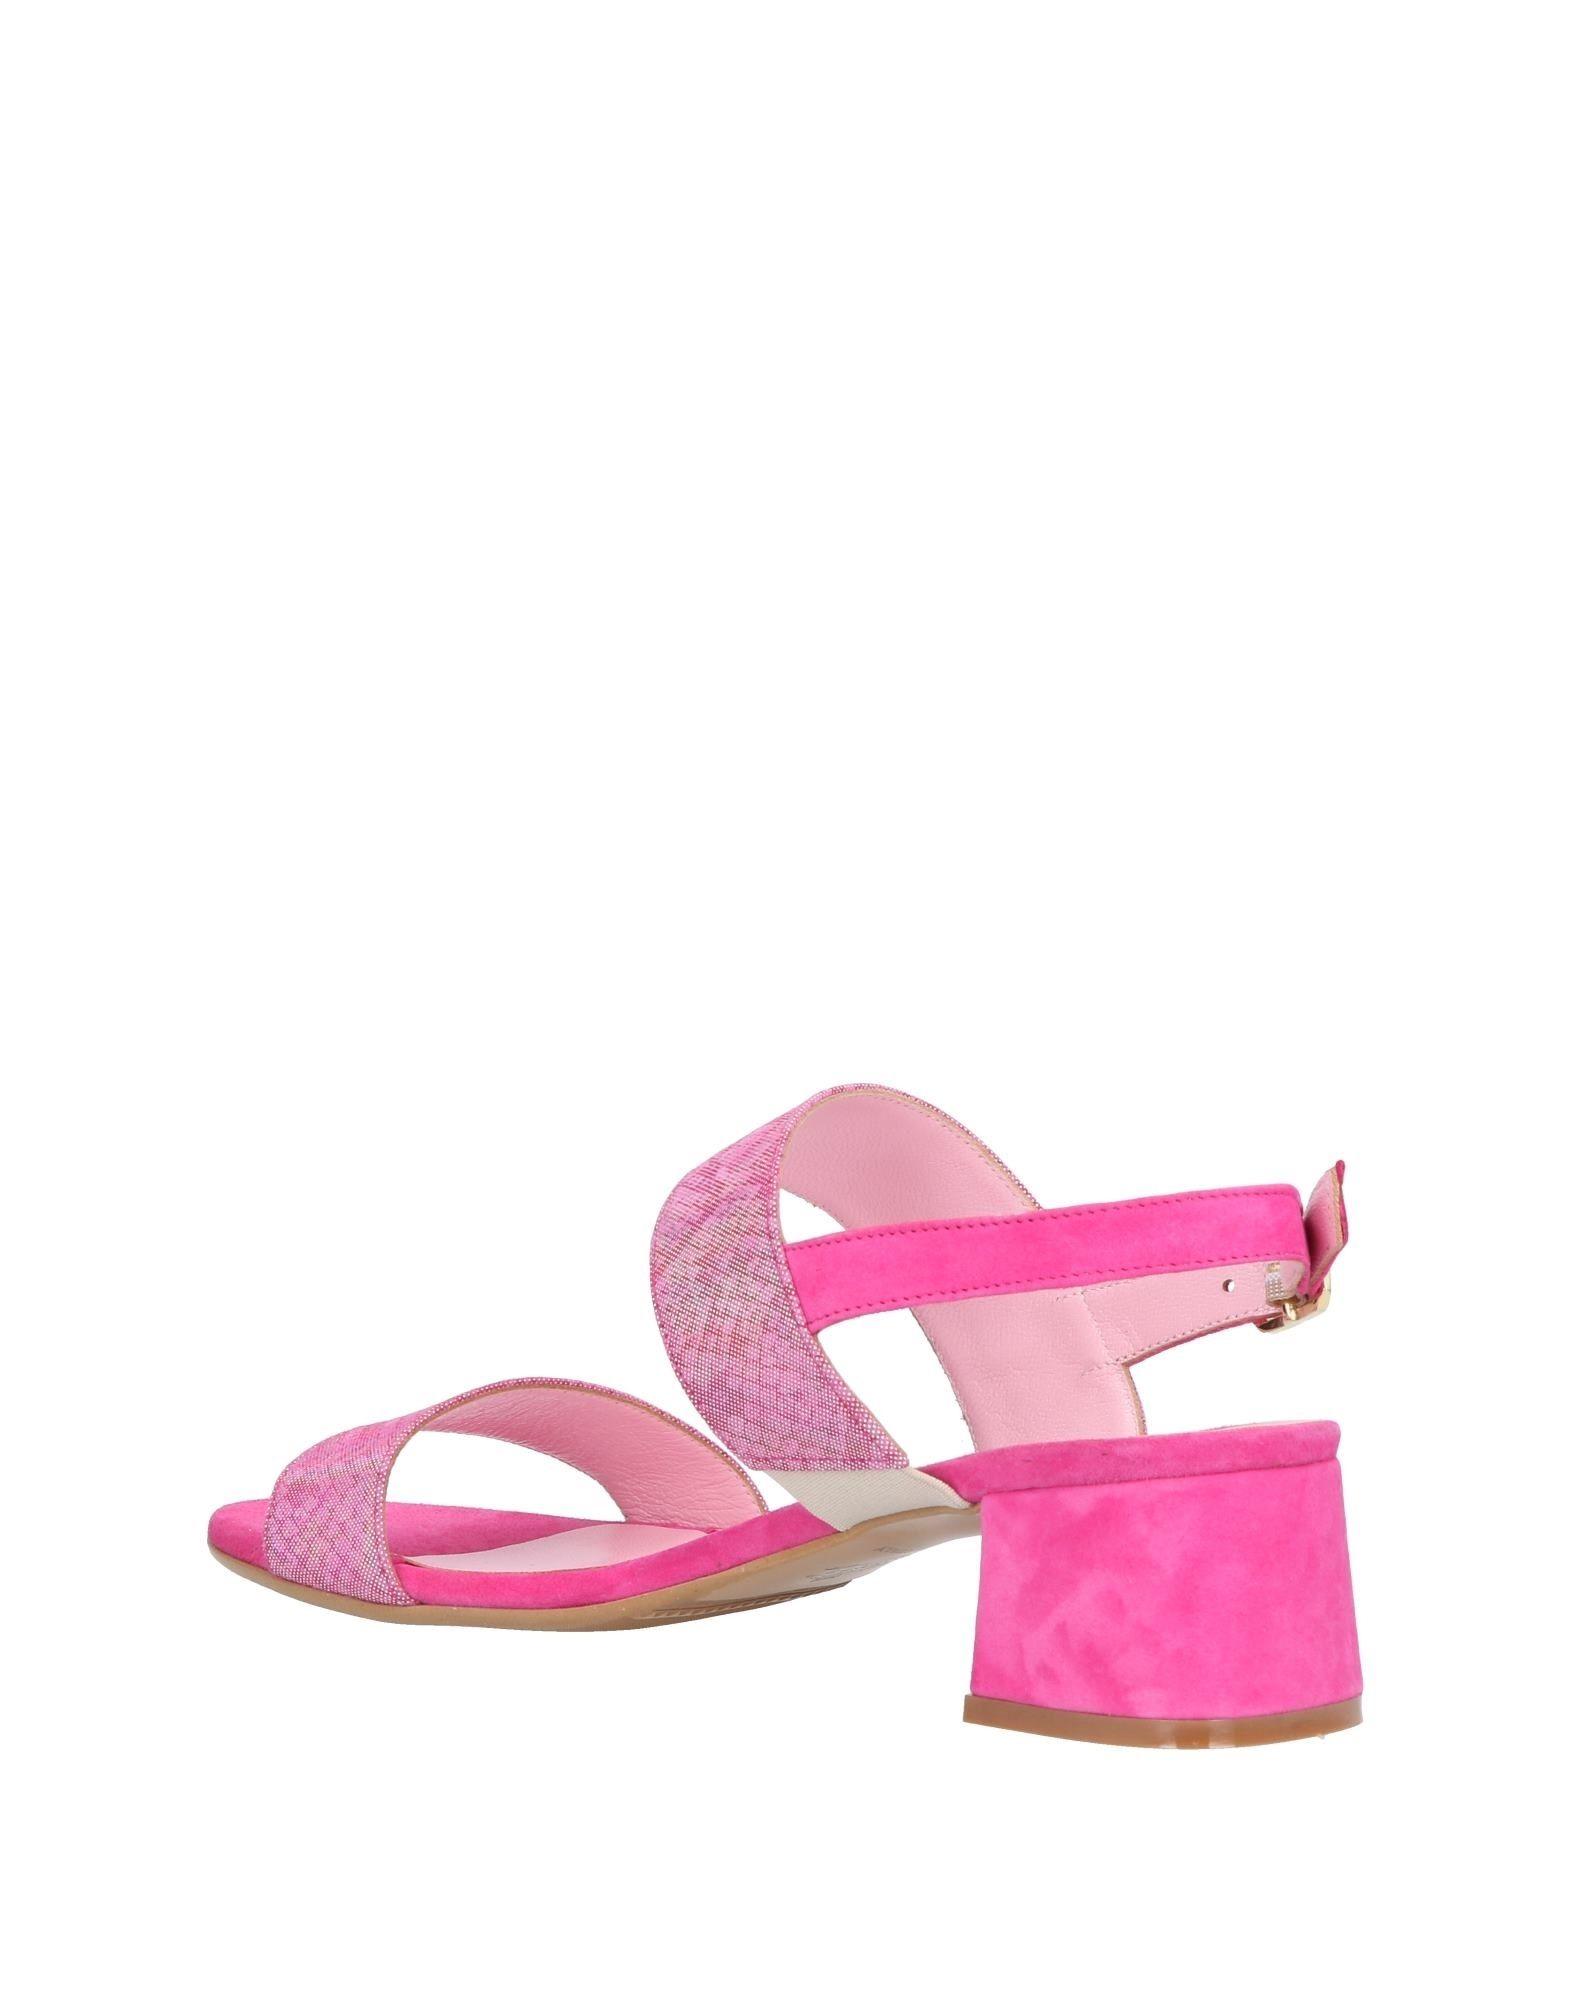 Conni 11412524PU Sandalen Damen  11412524PU Conni Gute Qualität beliebte Schuhe c471e0